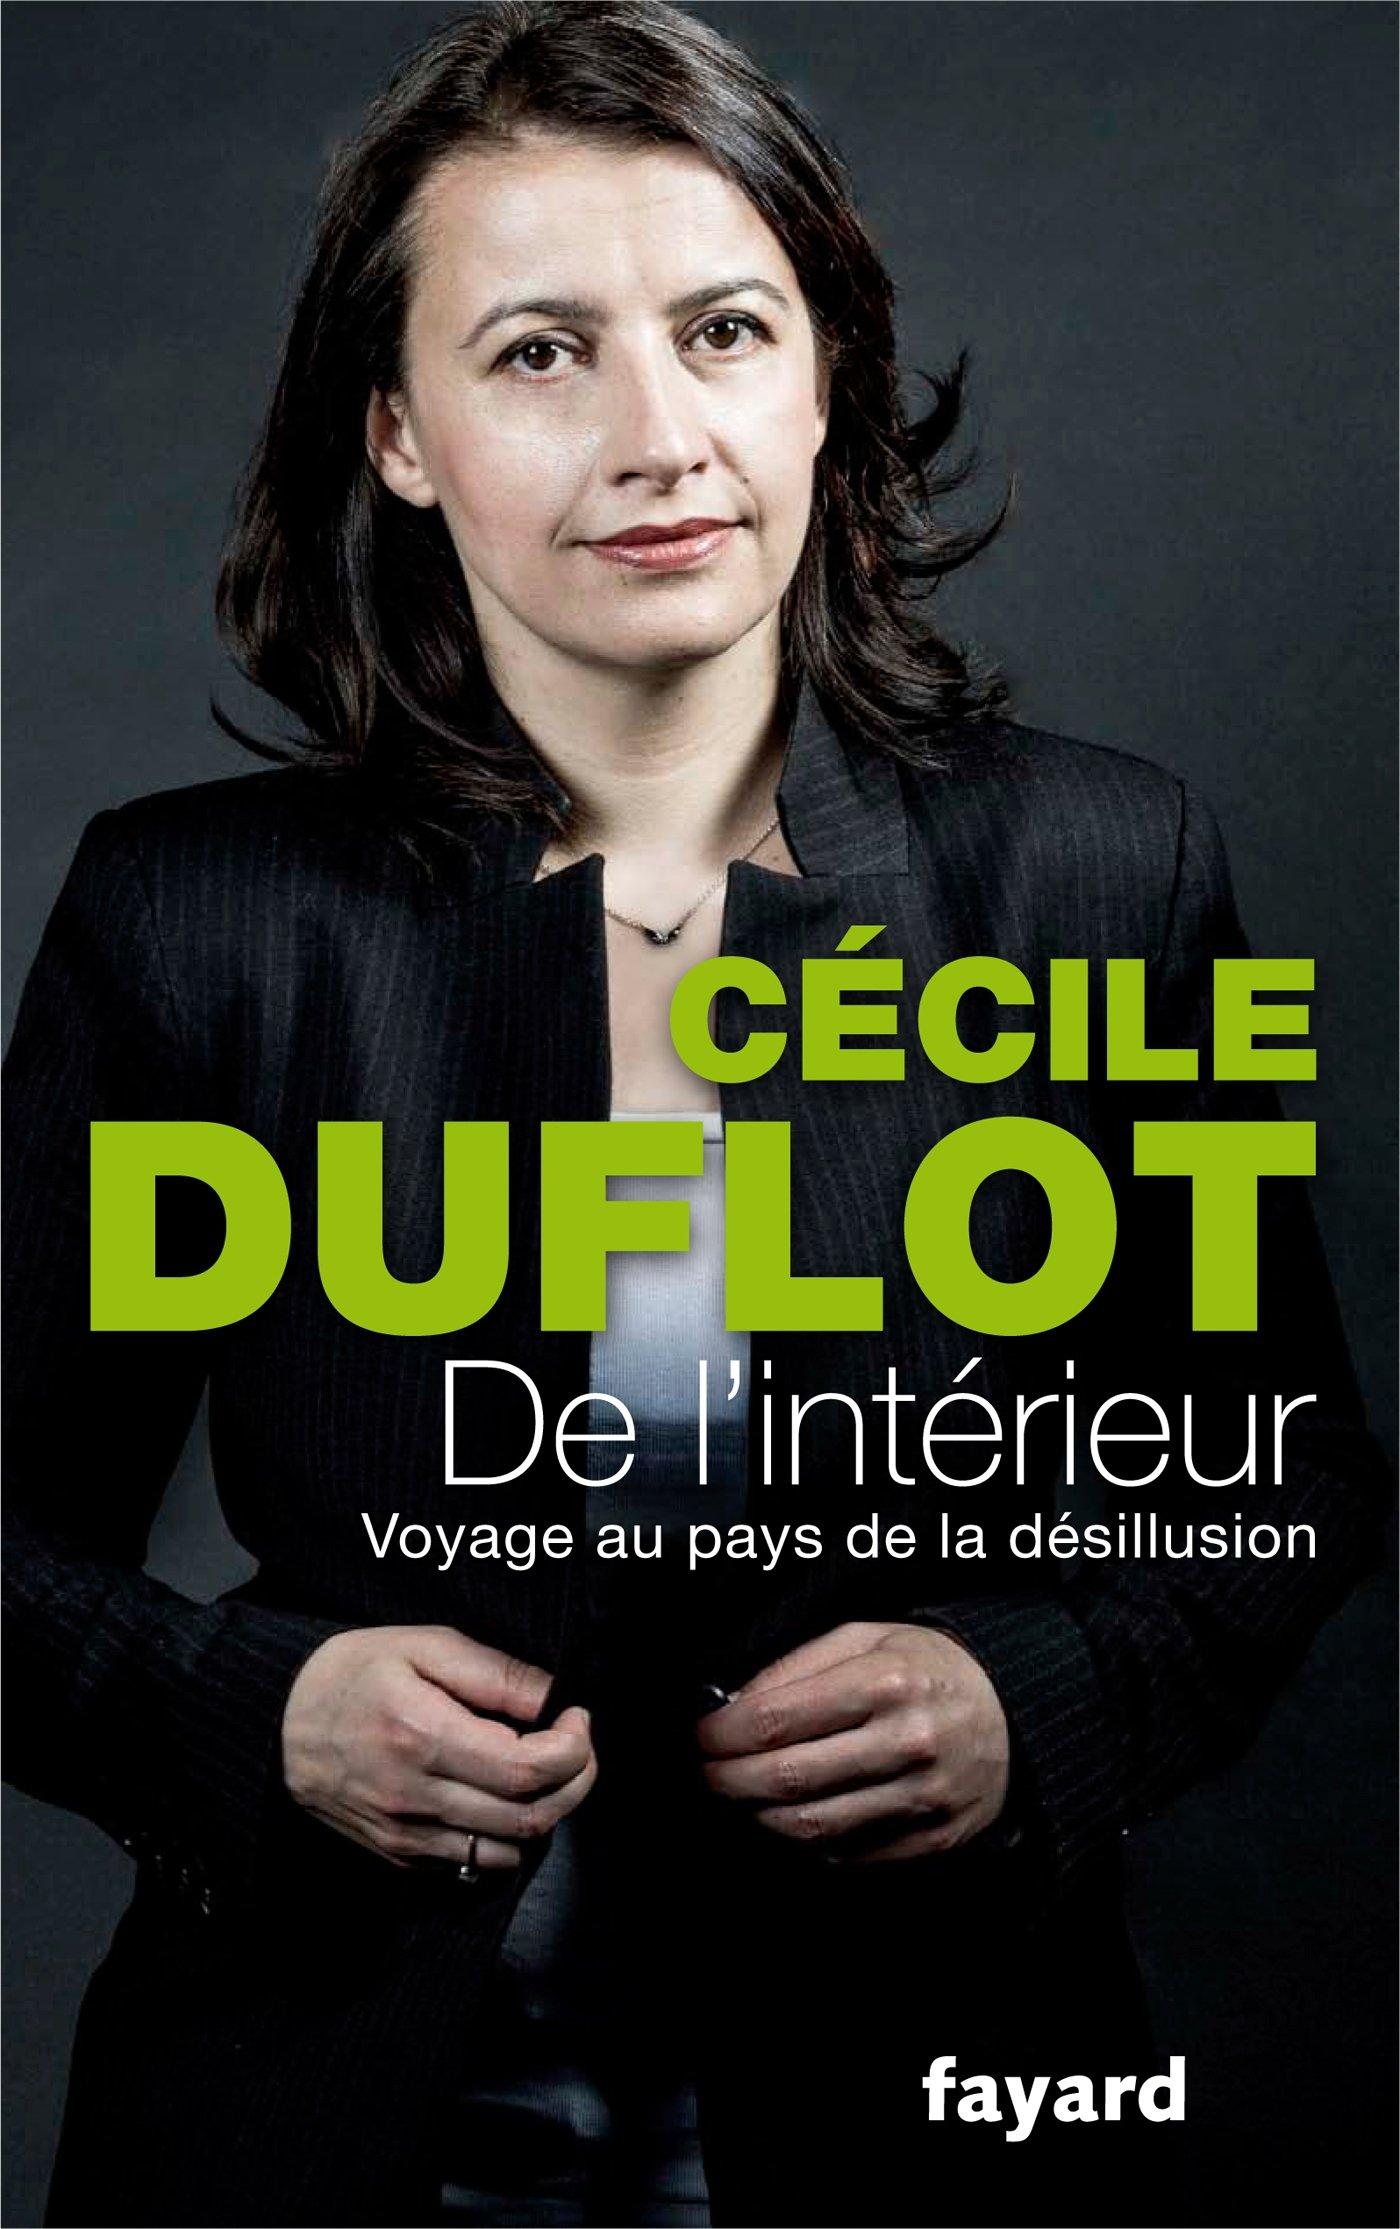 De l'intérieur : Voyage au pays de la désillusion Broché – 20 août 2014 Cécile Duflot Fayard 2213685703 Actualités